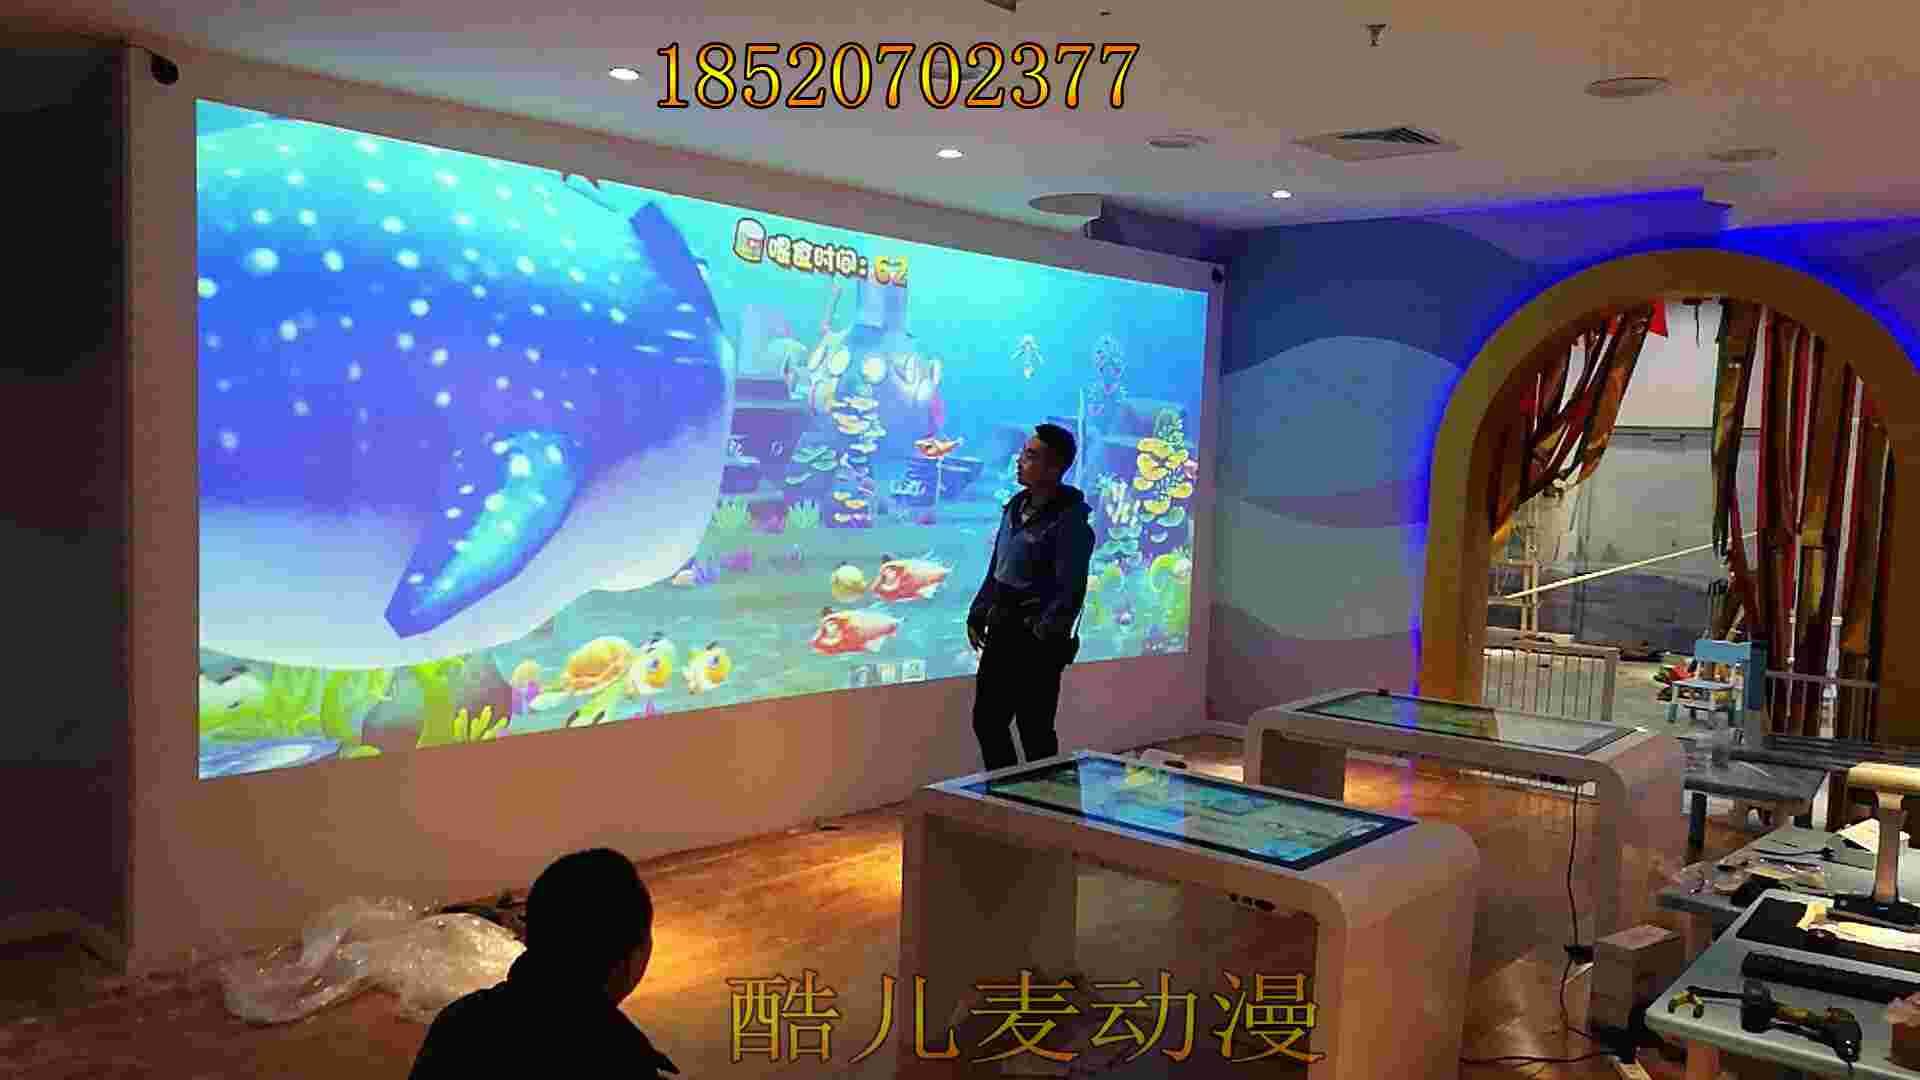 新型墙面投影——热卖互动水族馆投影游乐设备推荐